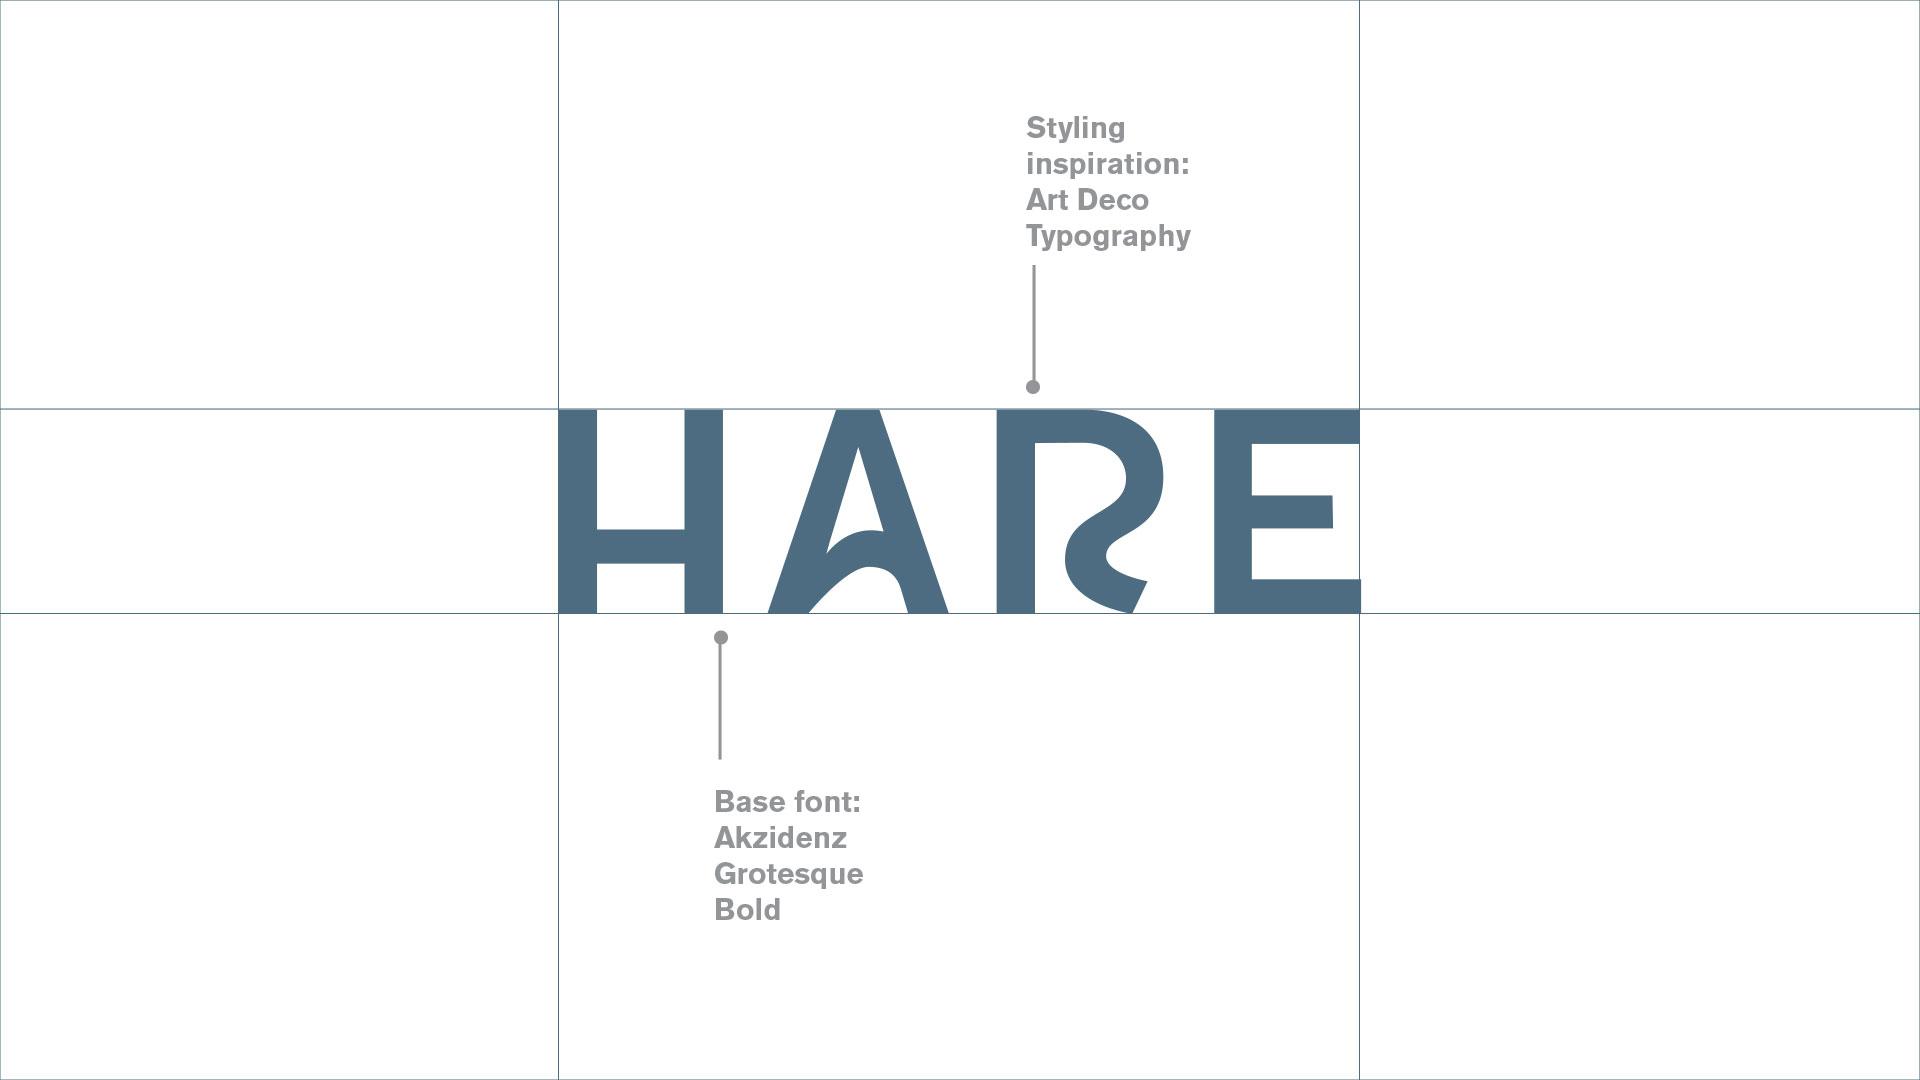 Hare studio typography